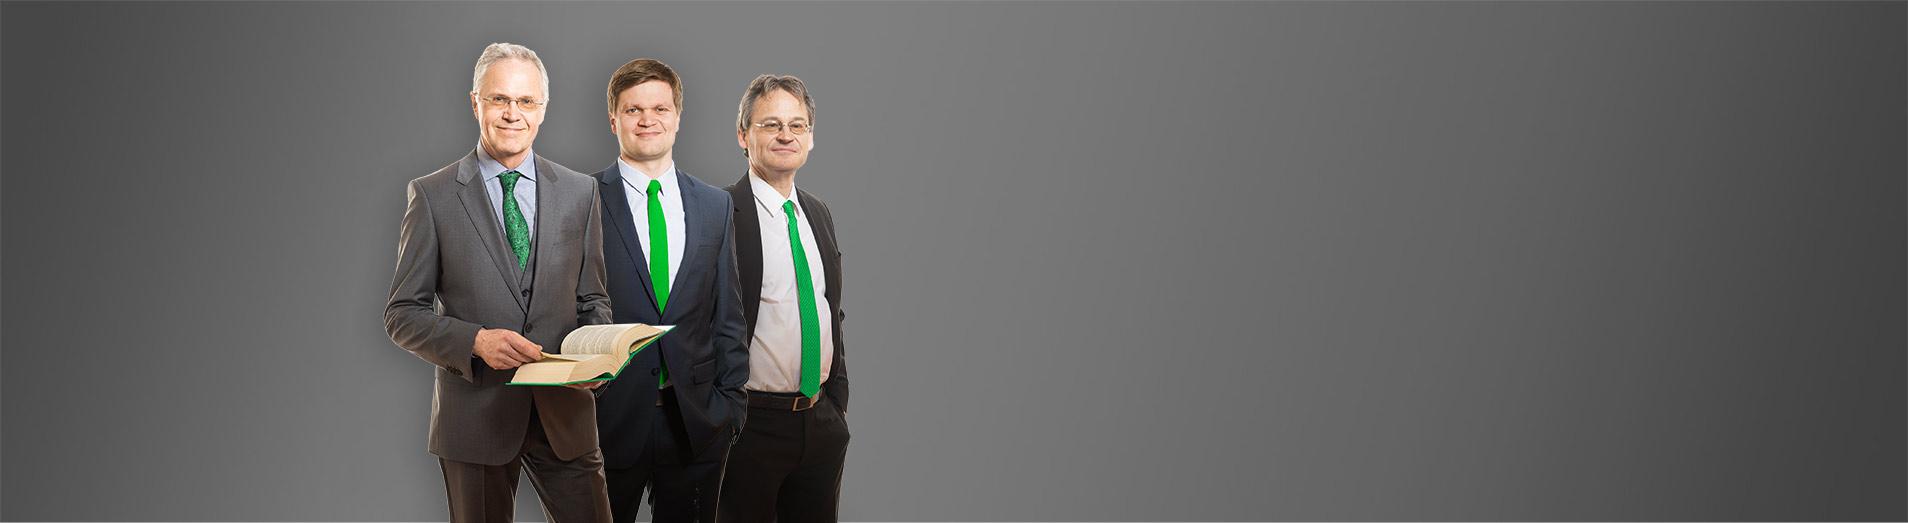 Otto Schulz – Steuerberater, Wirtschaftsprüfer & Unternehmensberater